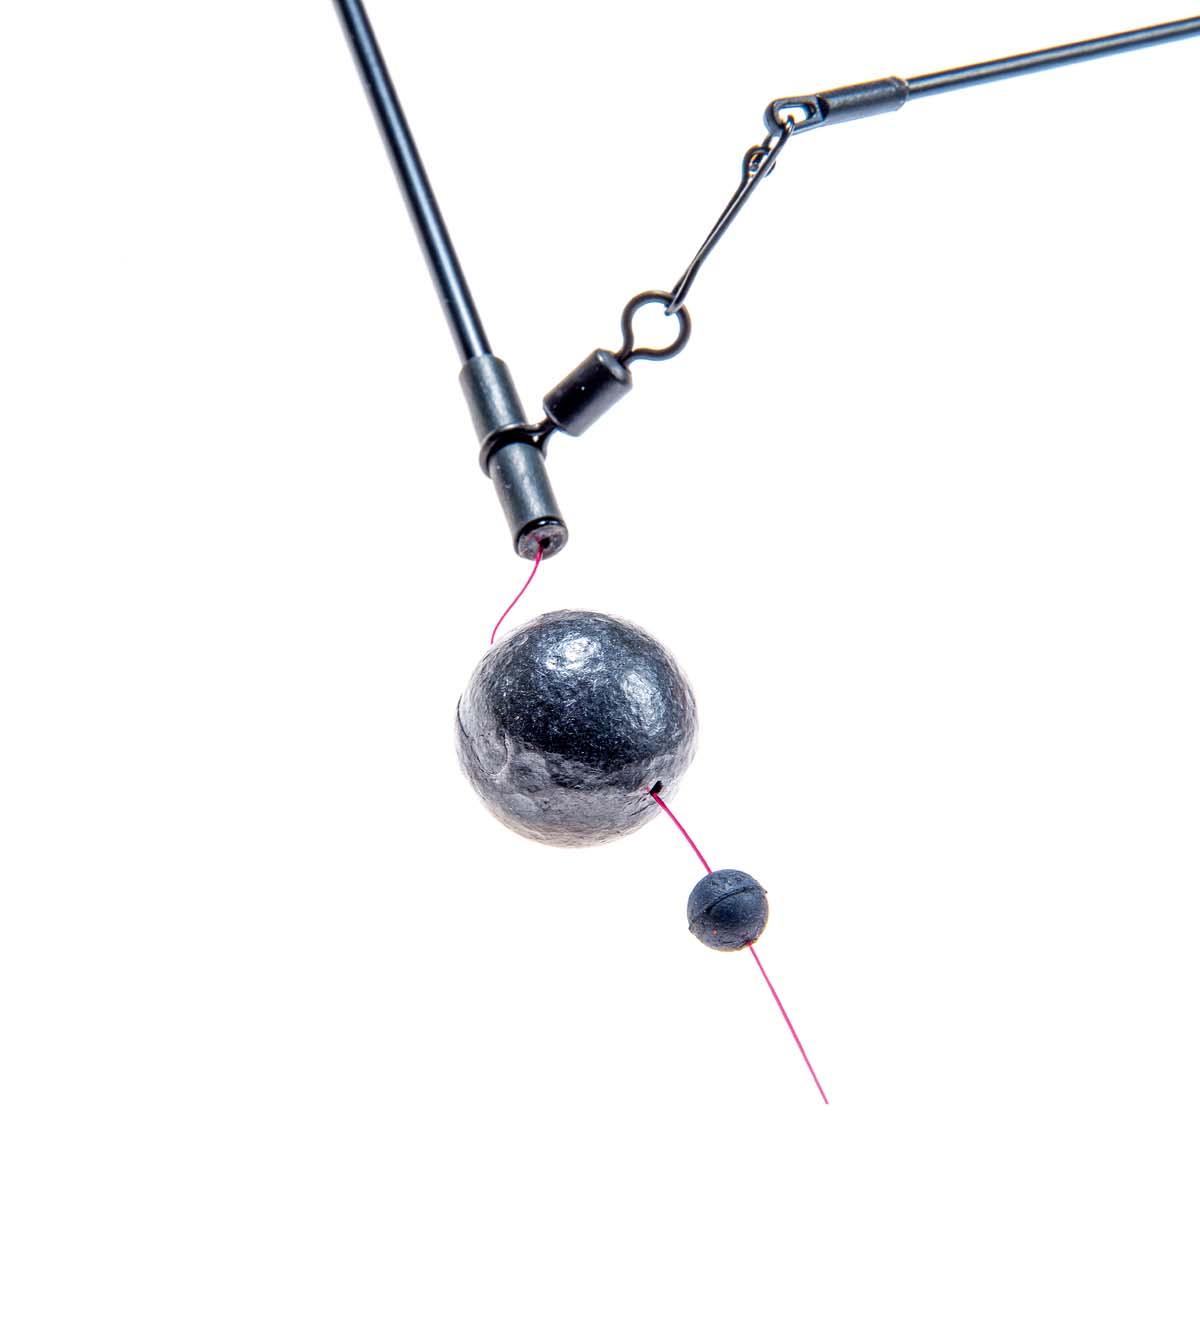 Für den Knotenschutz wird am Anschluss eine Gummiperle aufgefädelt. Foto: BLINKER/W. Krause